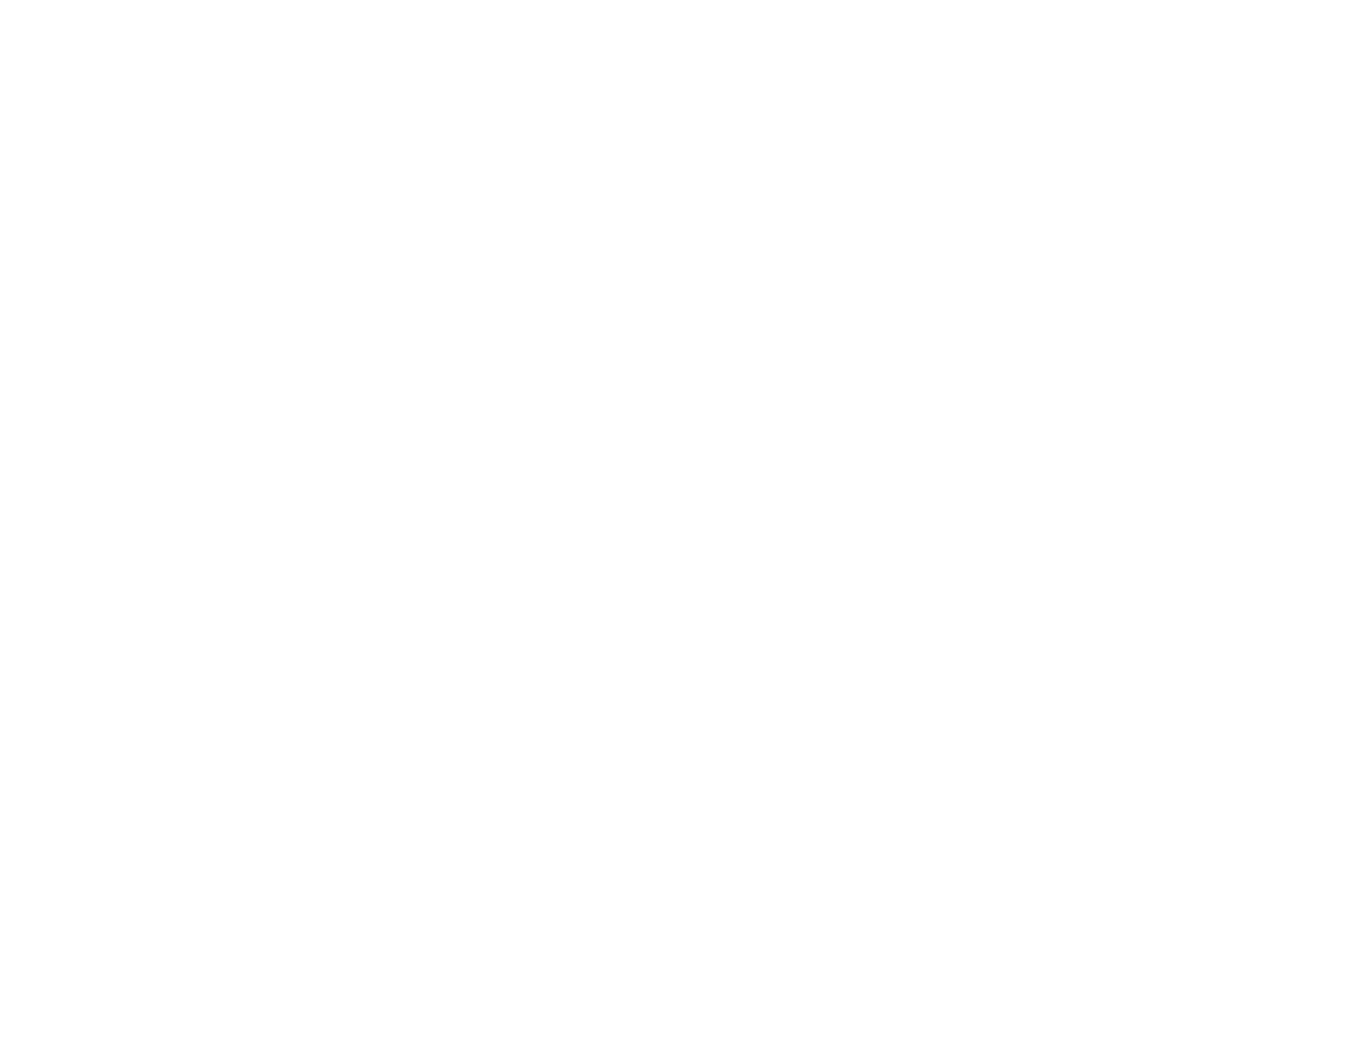 logotipo-zwl-branco-AF.png